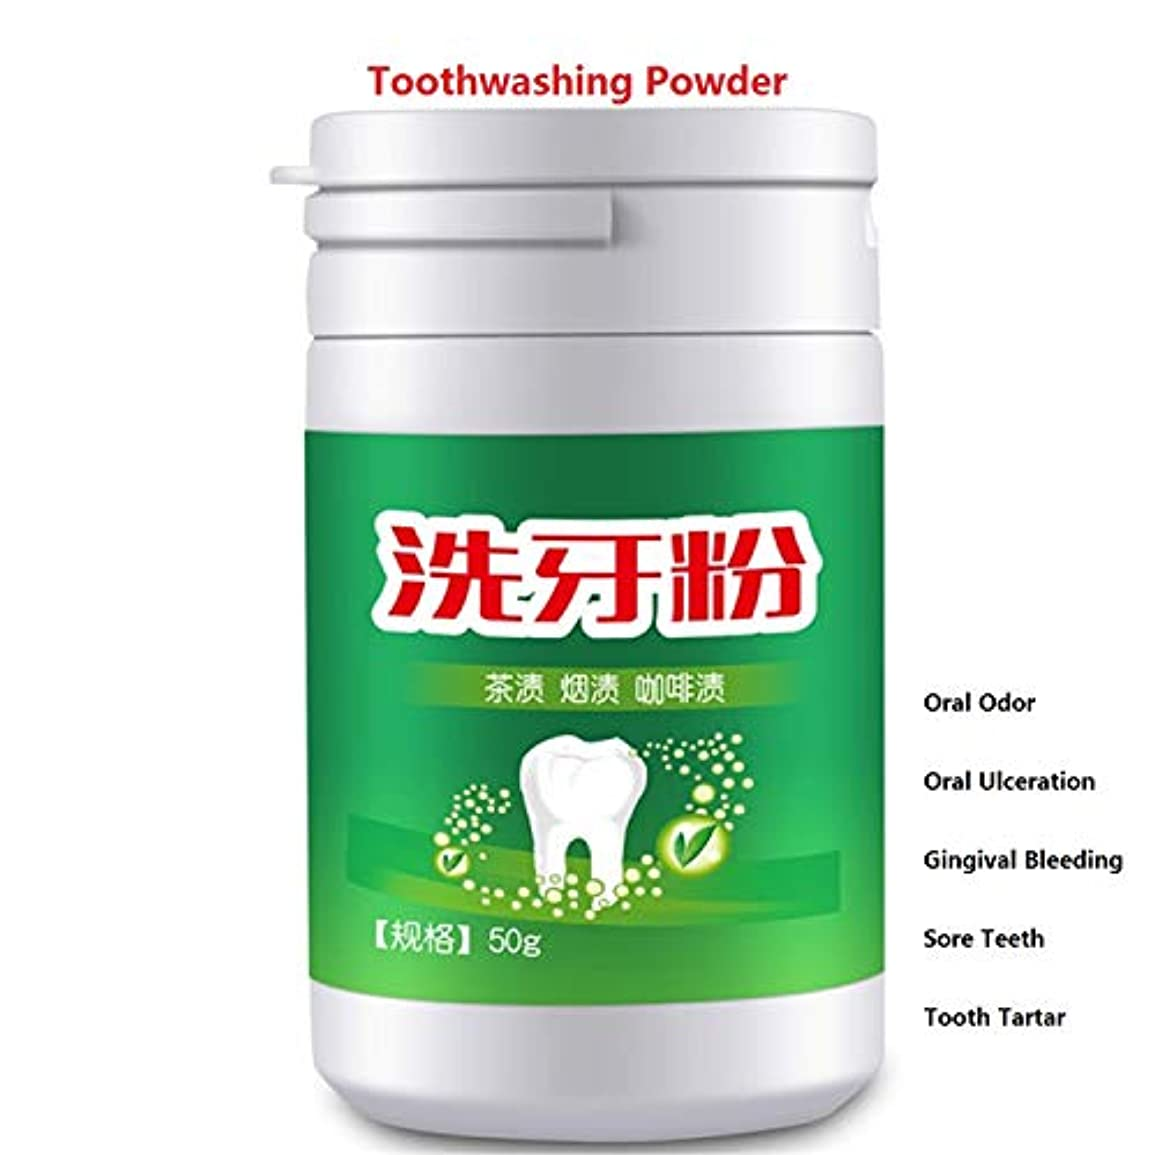 円周伝えるふりをするナチュラルオーラルケア - 歯磨き粉、3パック、植物のクレンジング、歯のホワイトニング、きれいにする、黄色と煙の汚れを落とす